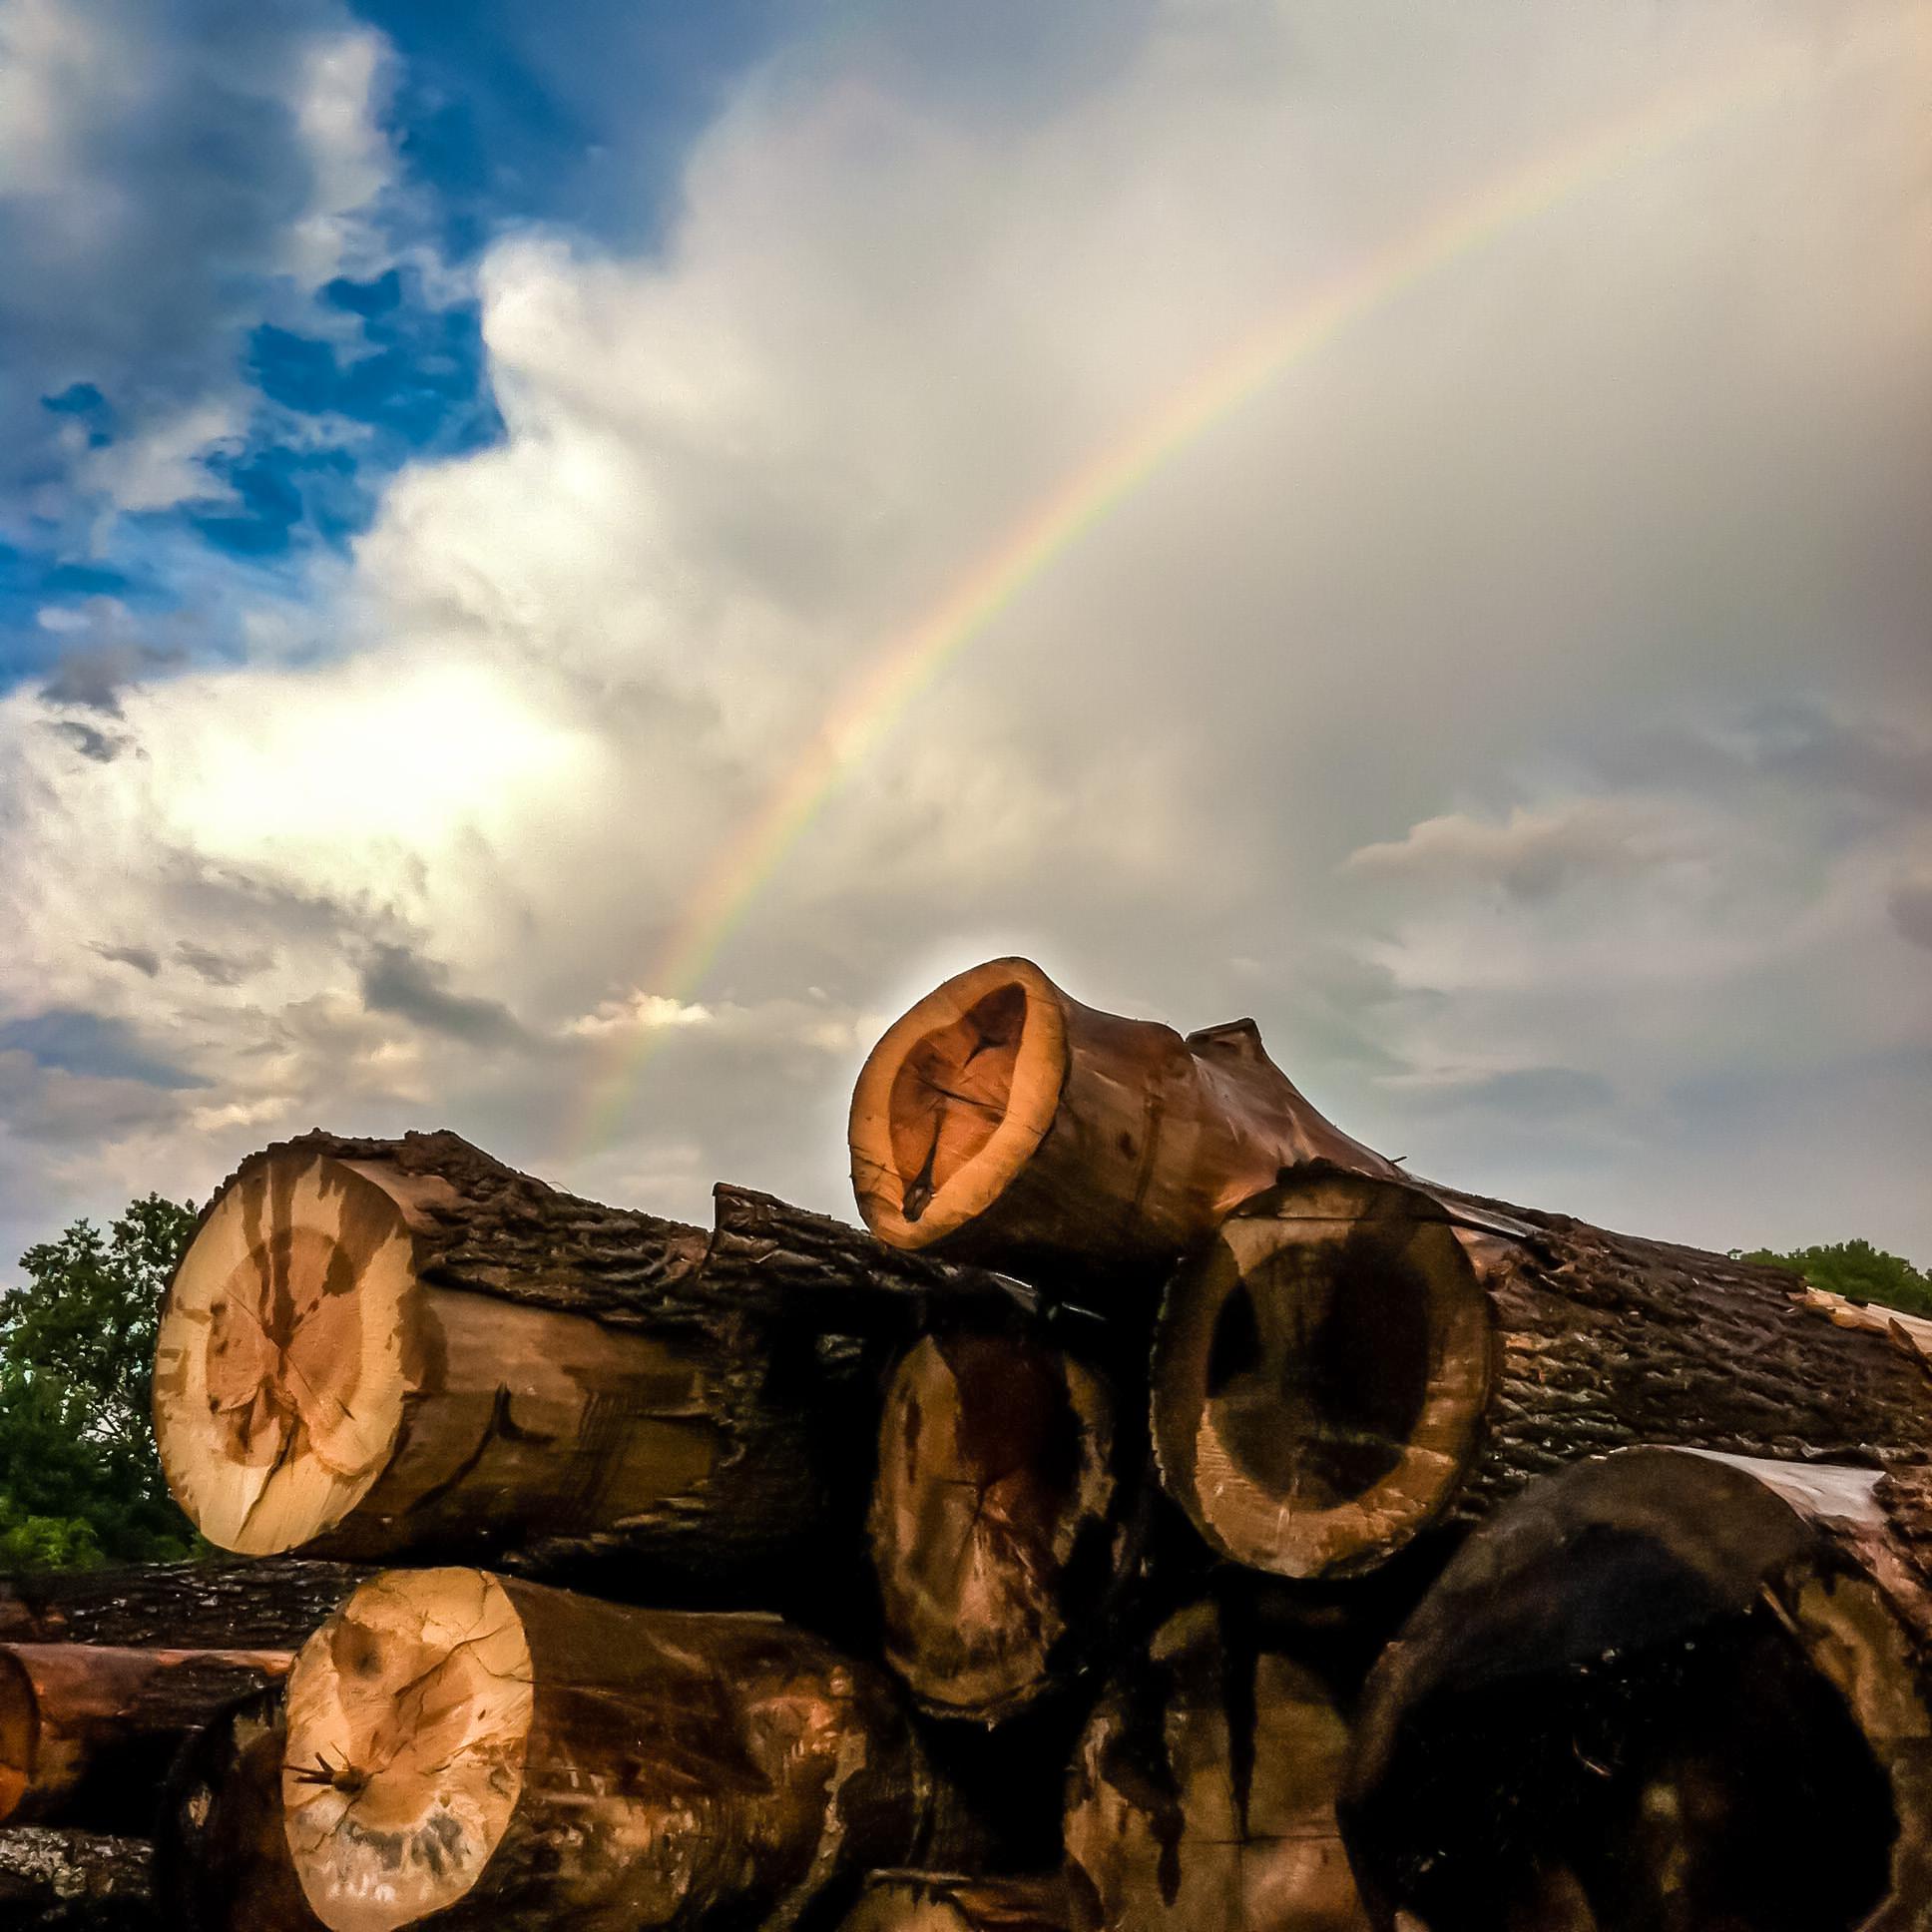 Eutree lumber yard